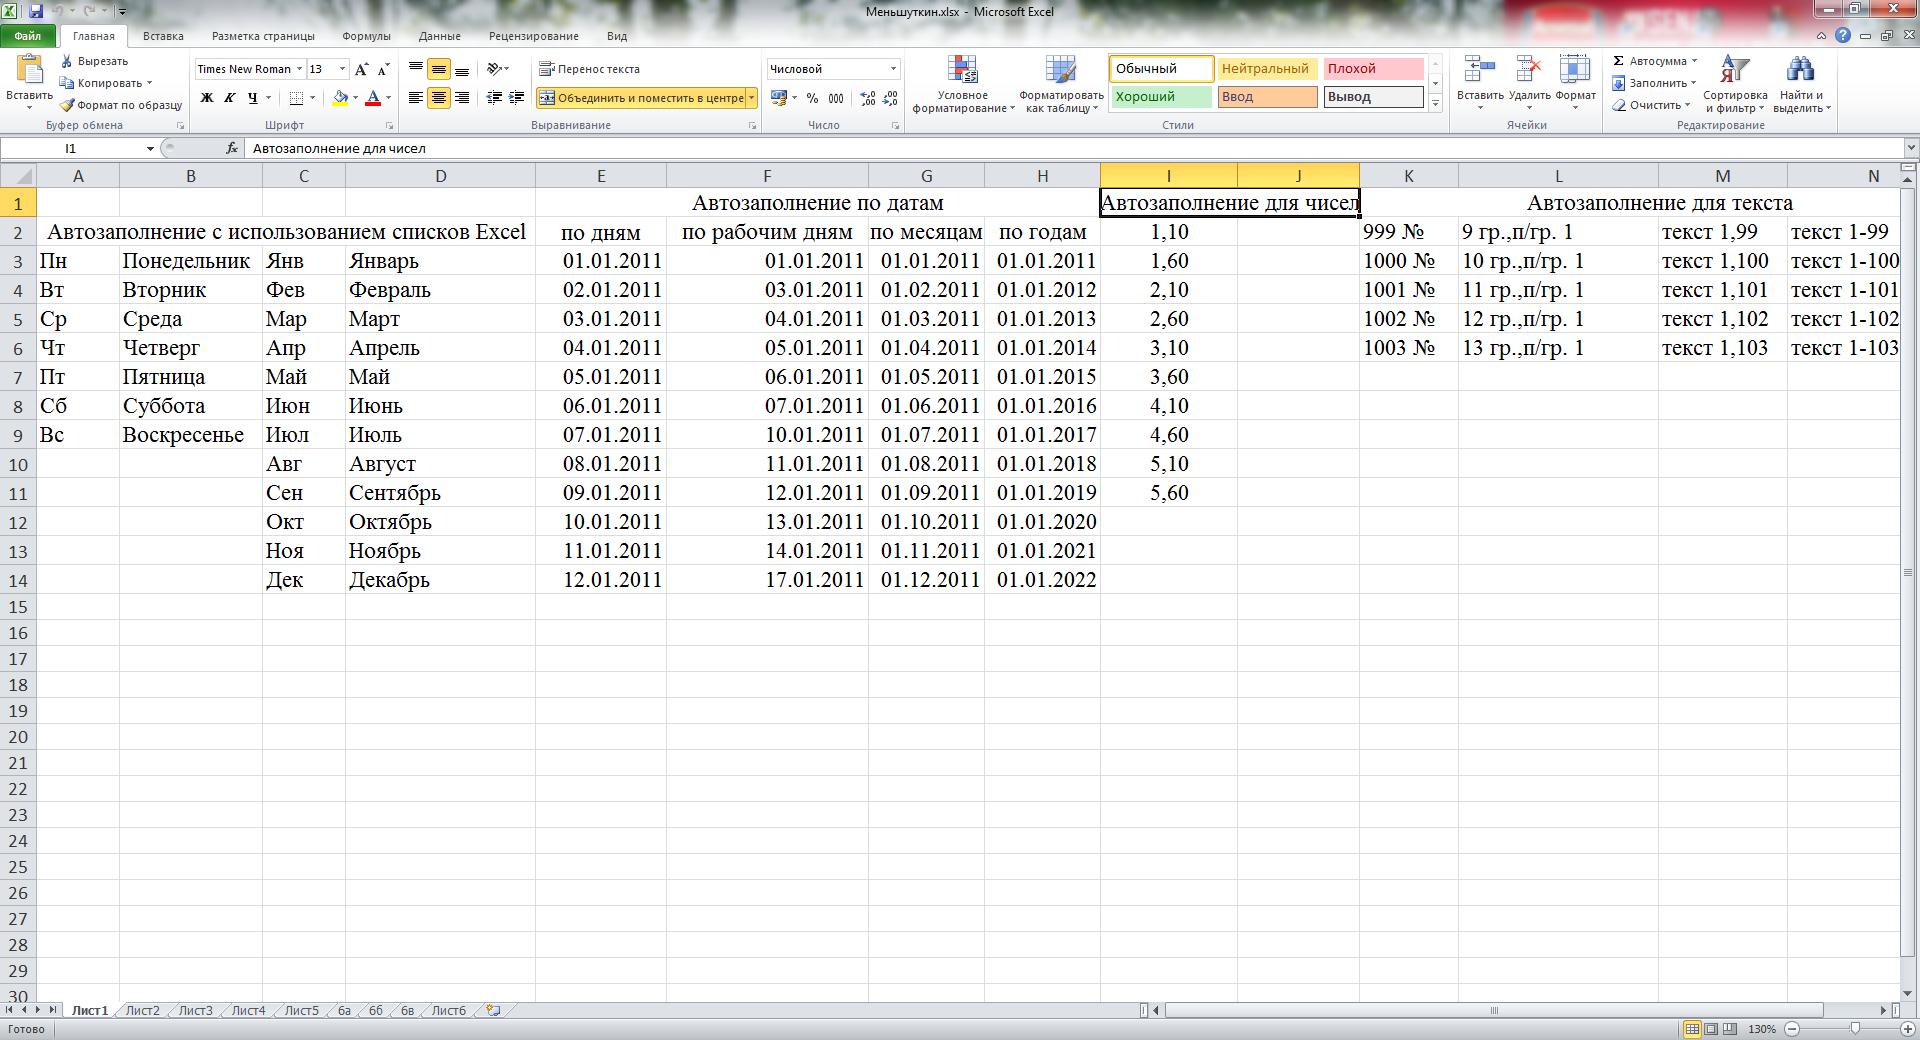 Как из списка сделать таблицу 929